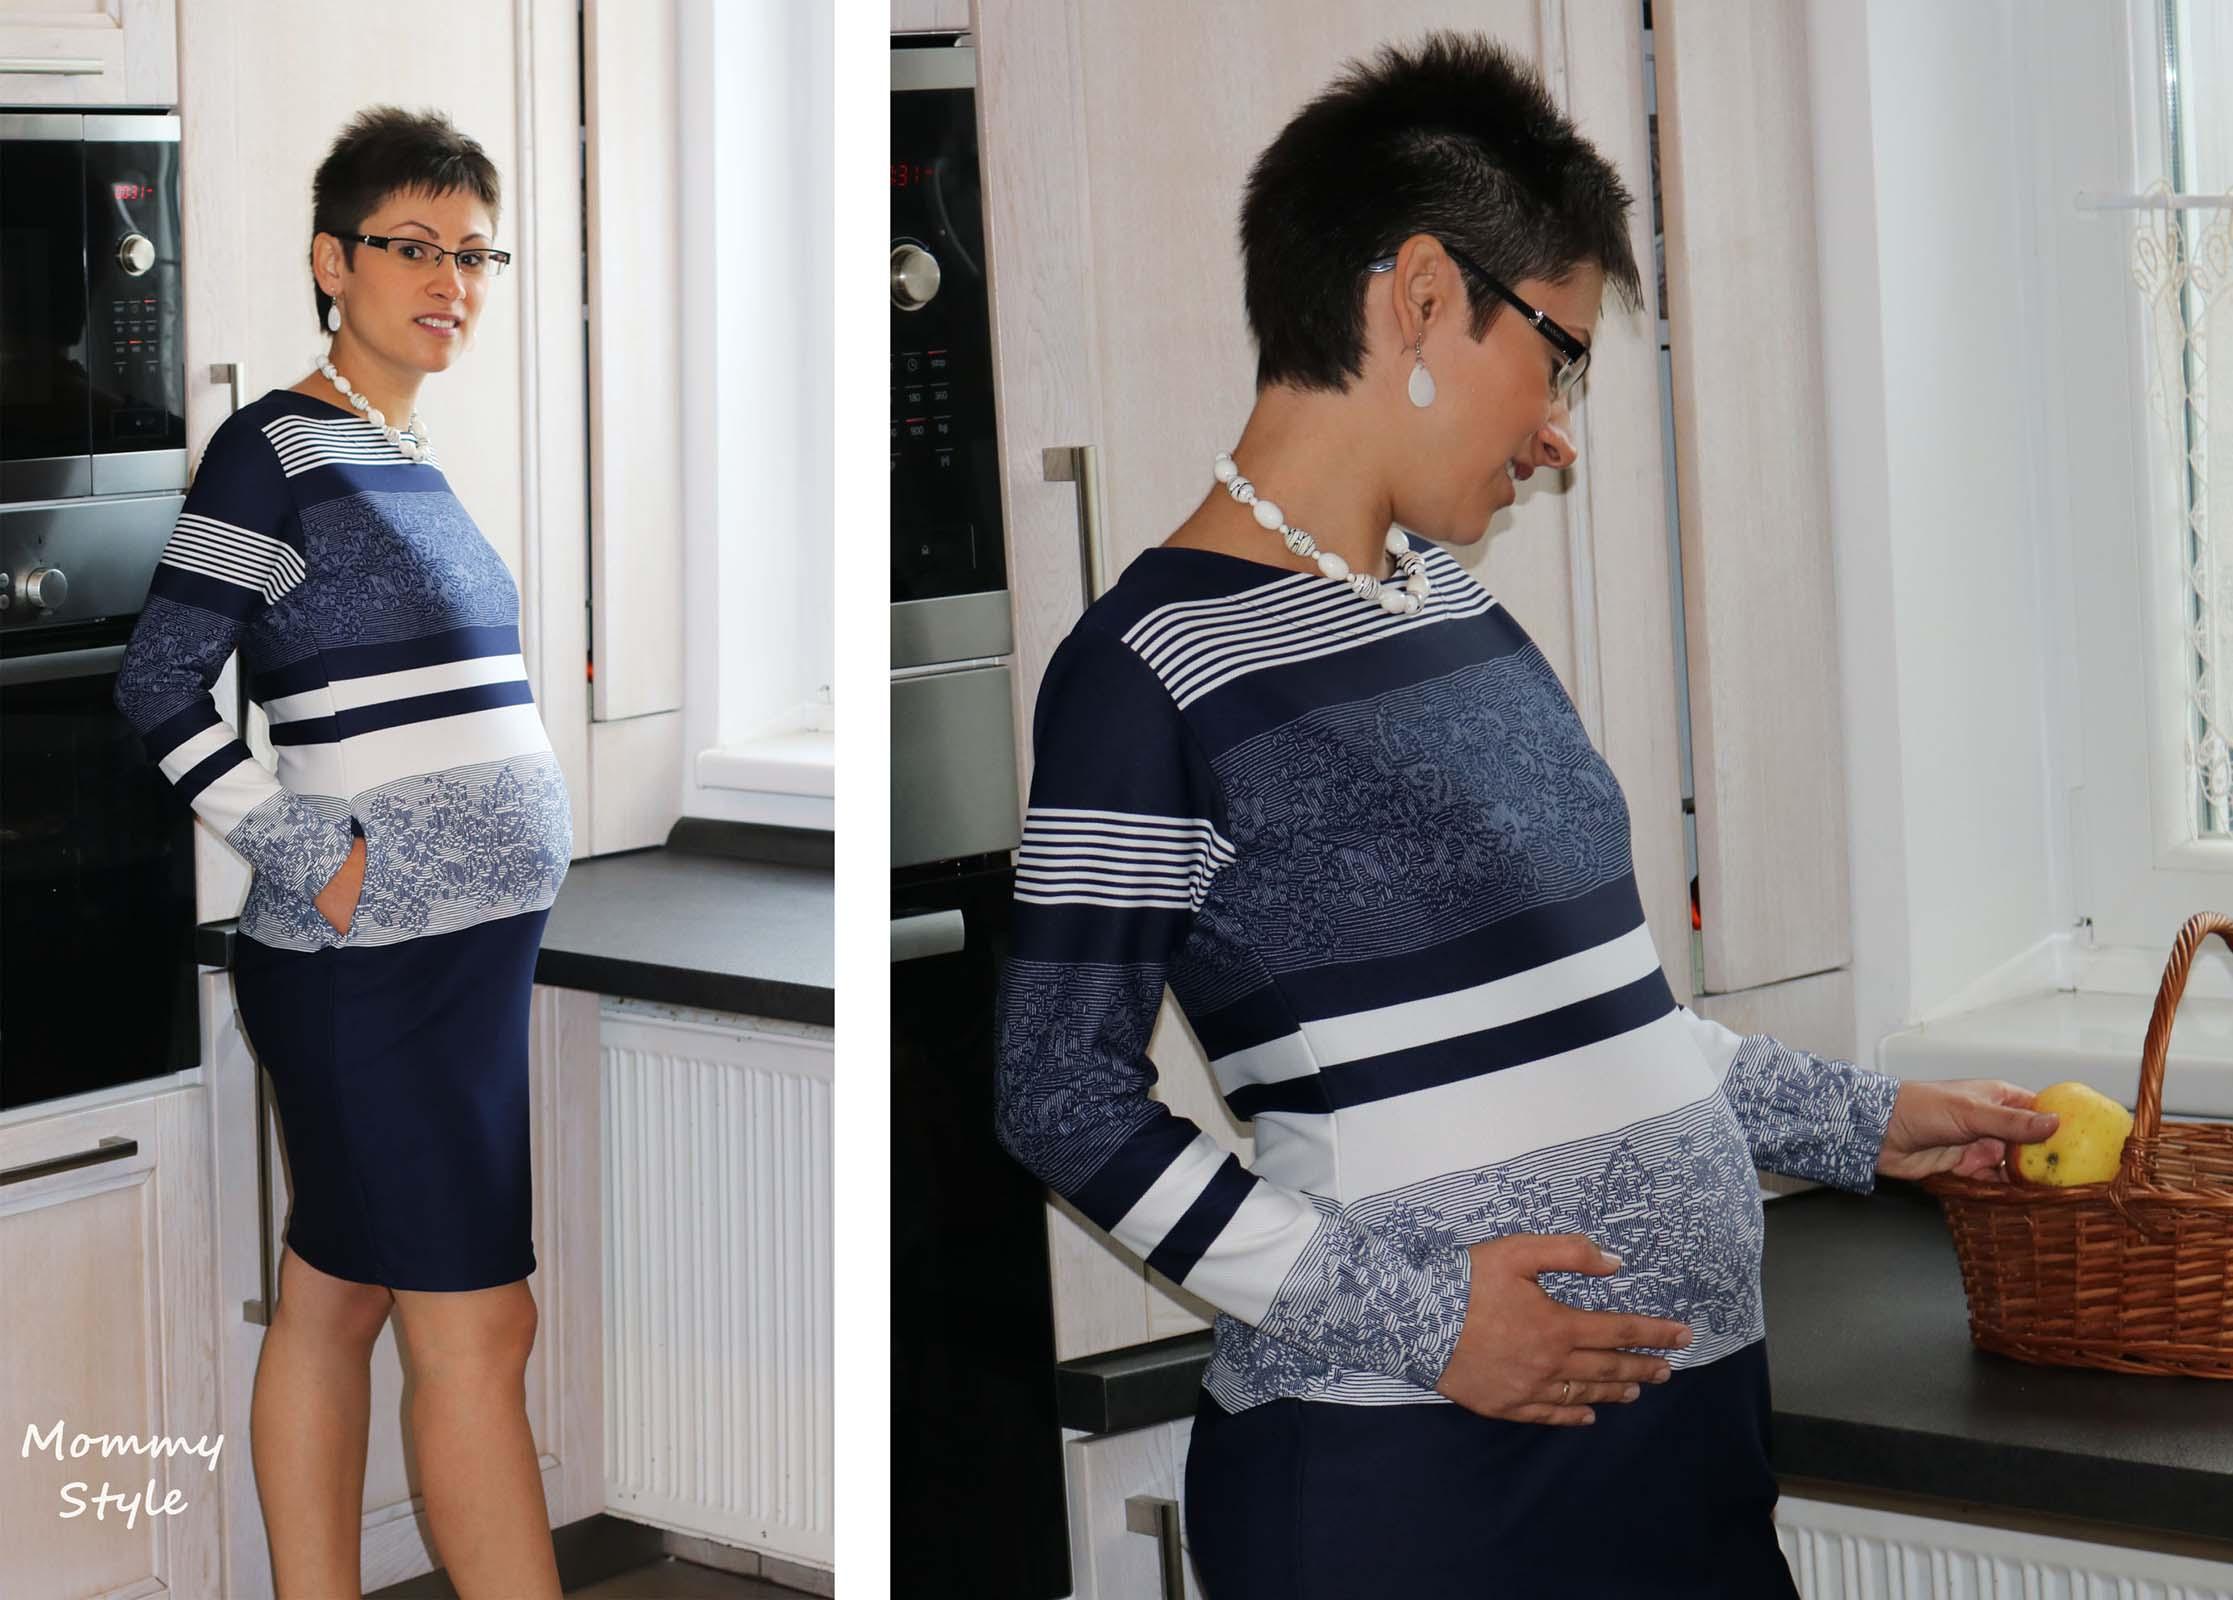 Mommy Style csíkos, zsebes kismamaruha